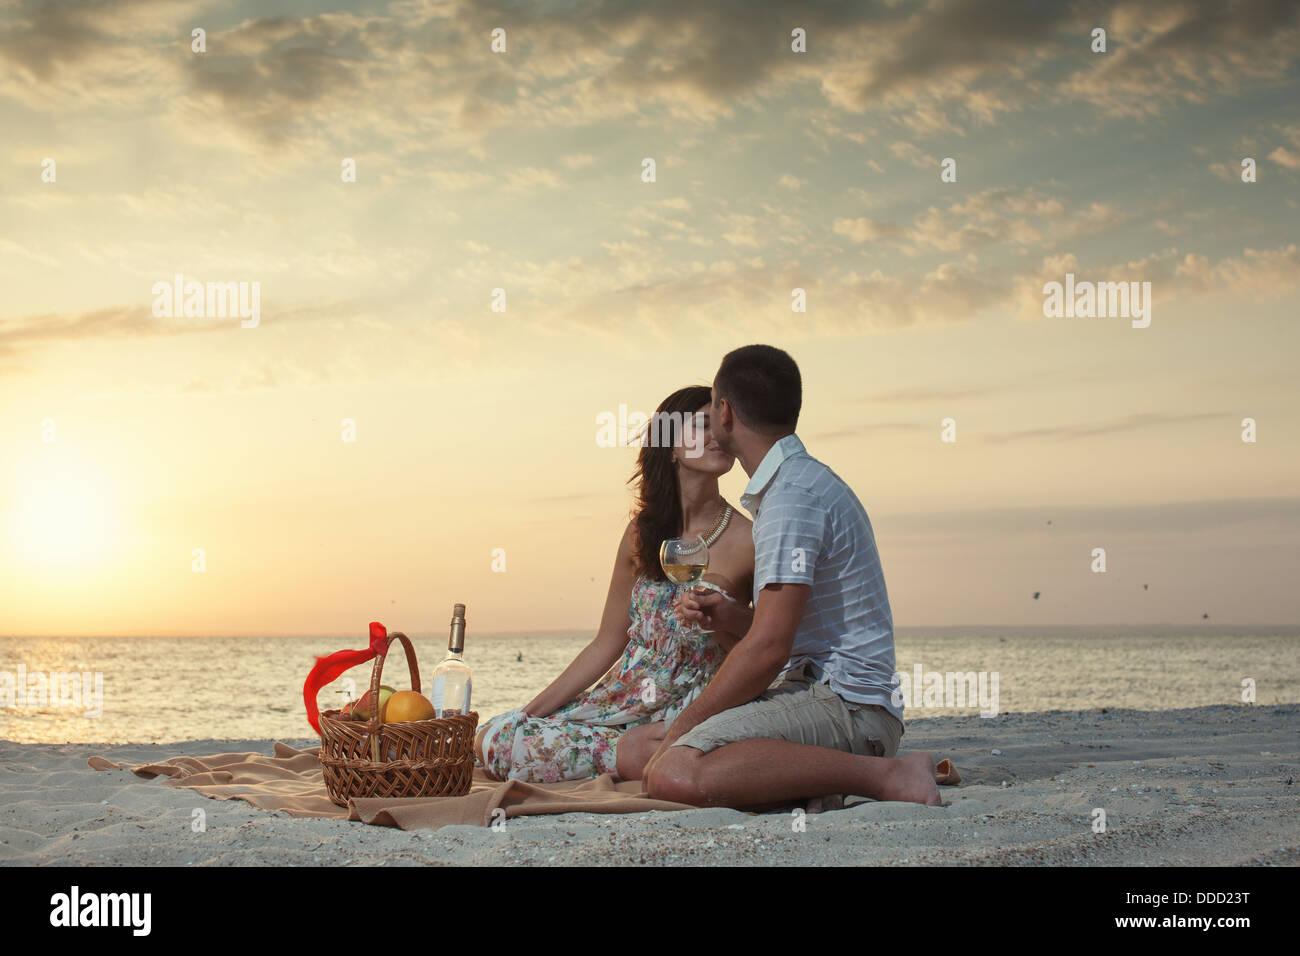 Paar am Strand mit Luxus Wein Picknick bei Sonnenuntergang. Dawn Stockbild